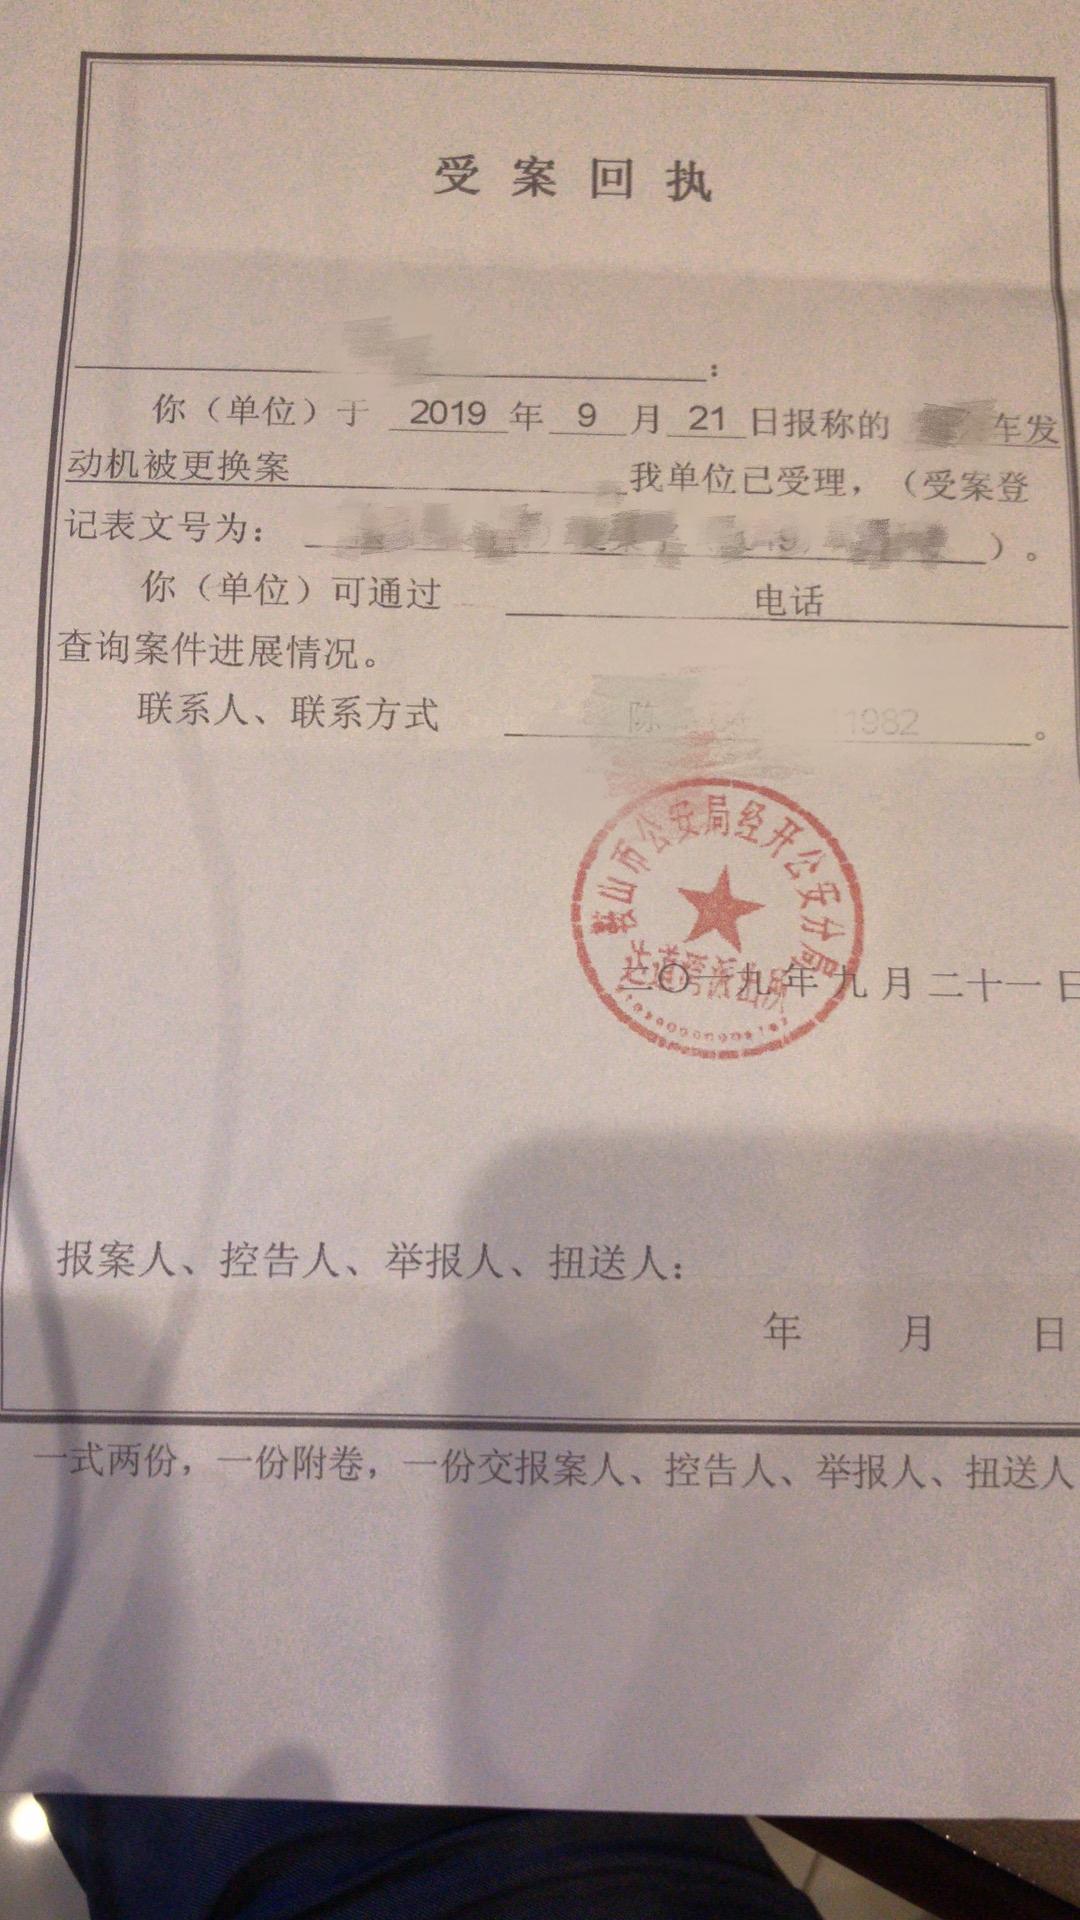 """鞍山奥迪车主卖车发明""""发动机被换"""":4S店否定,警方参与"""